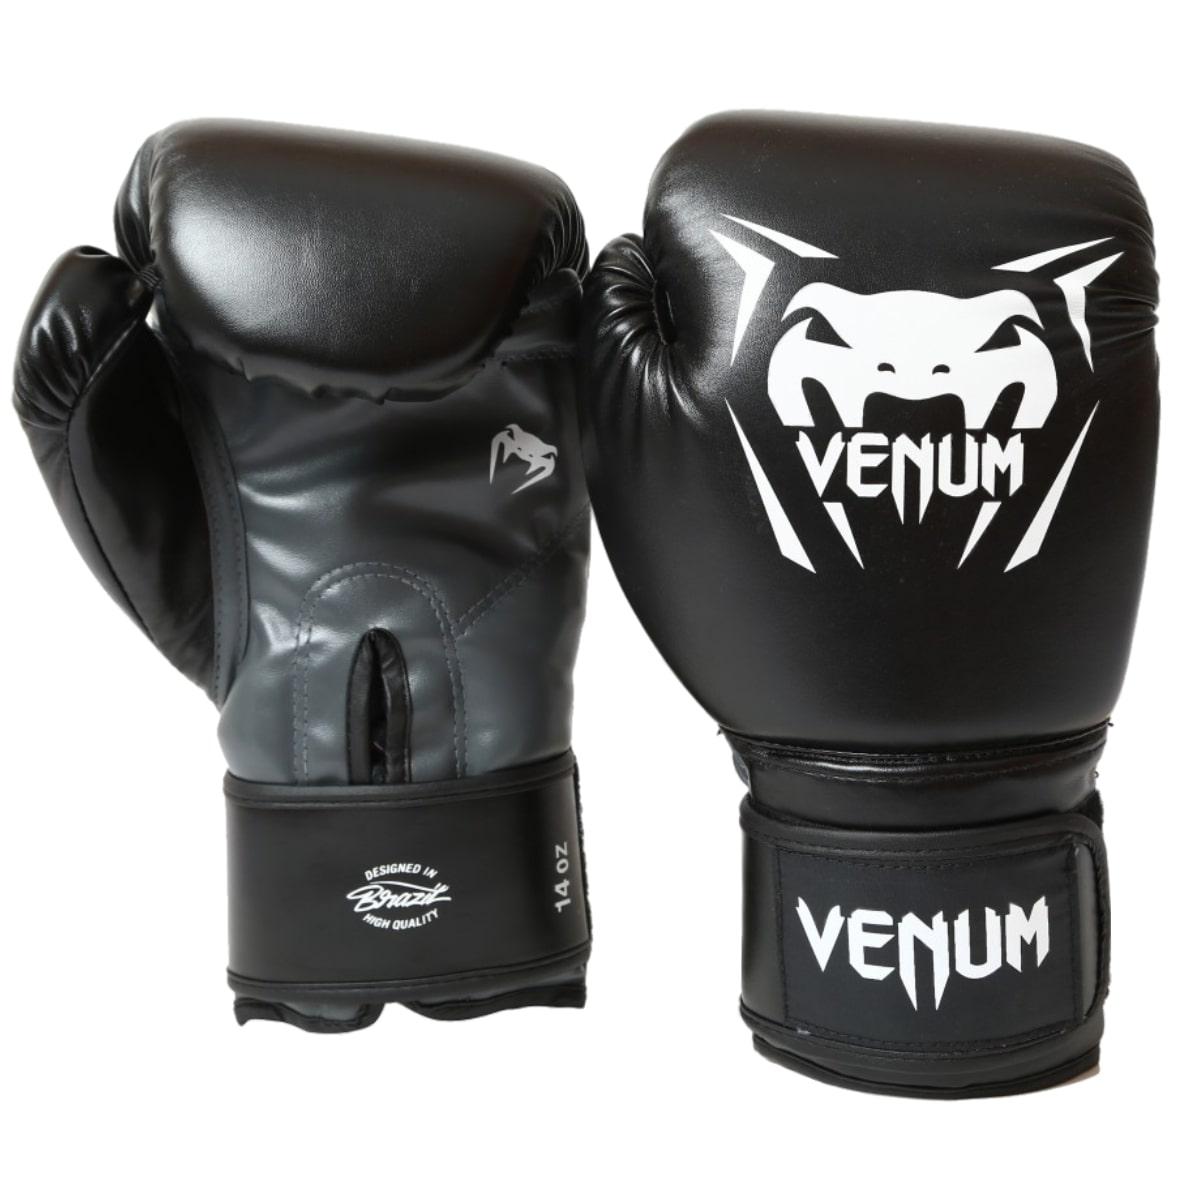 Luva Boxe Venum New Contender - Preto